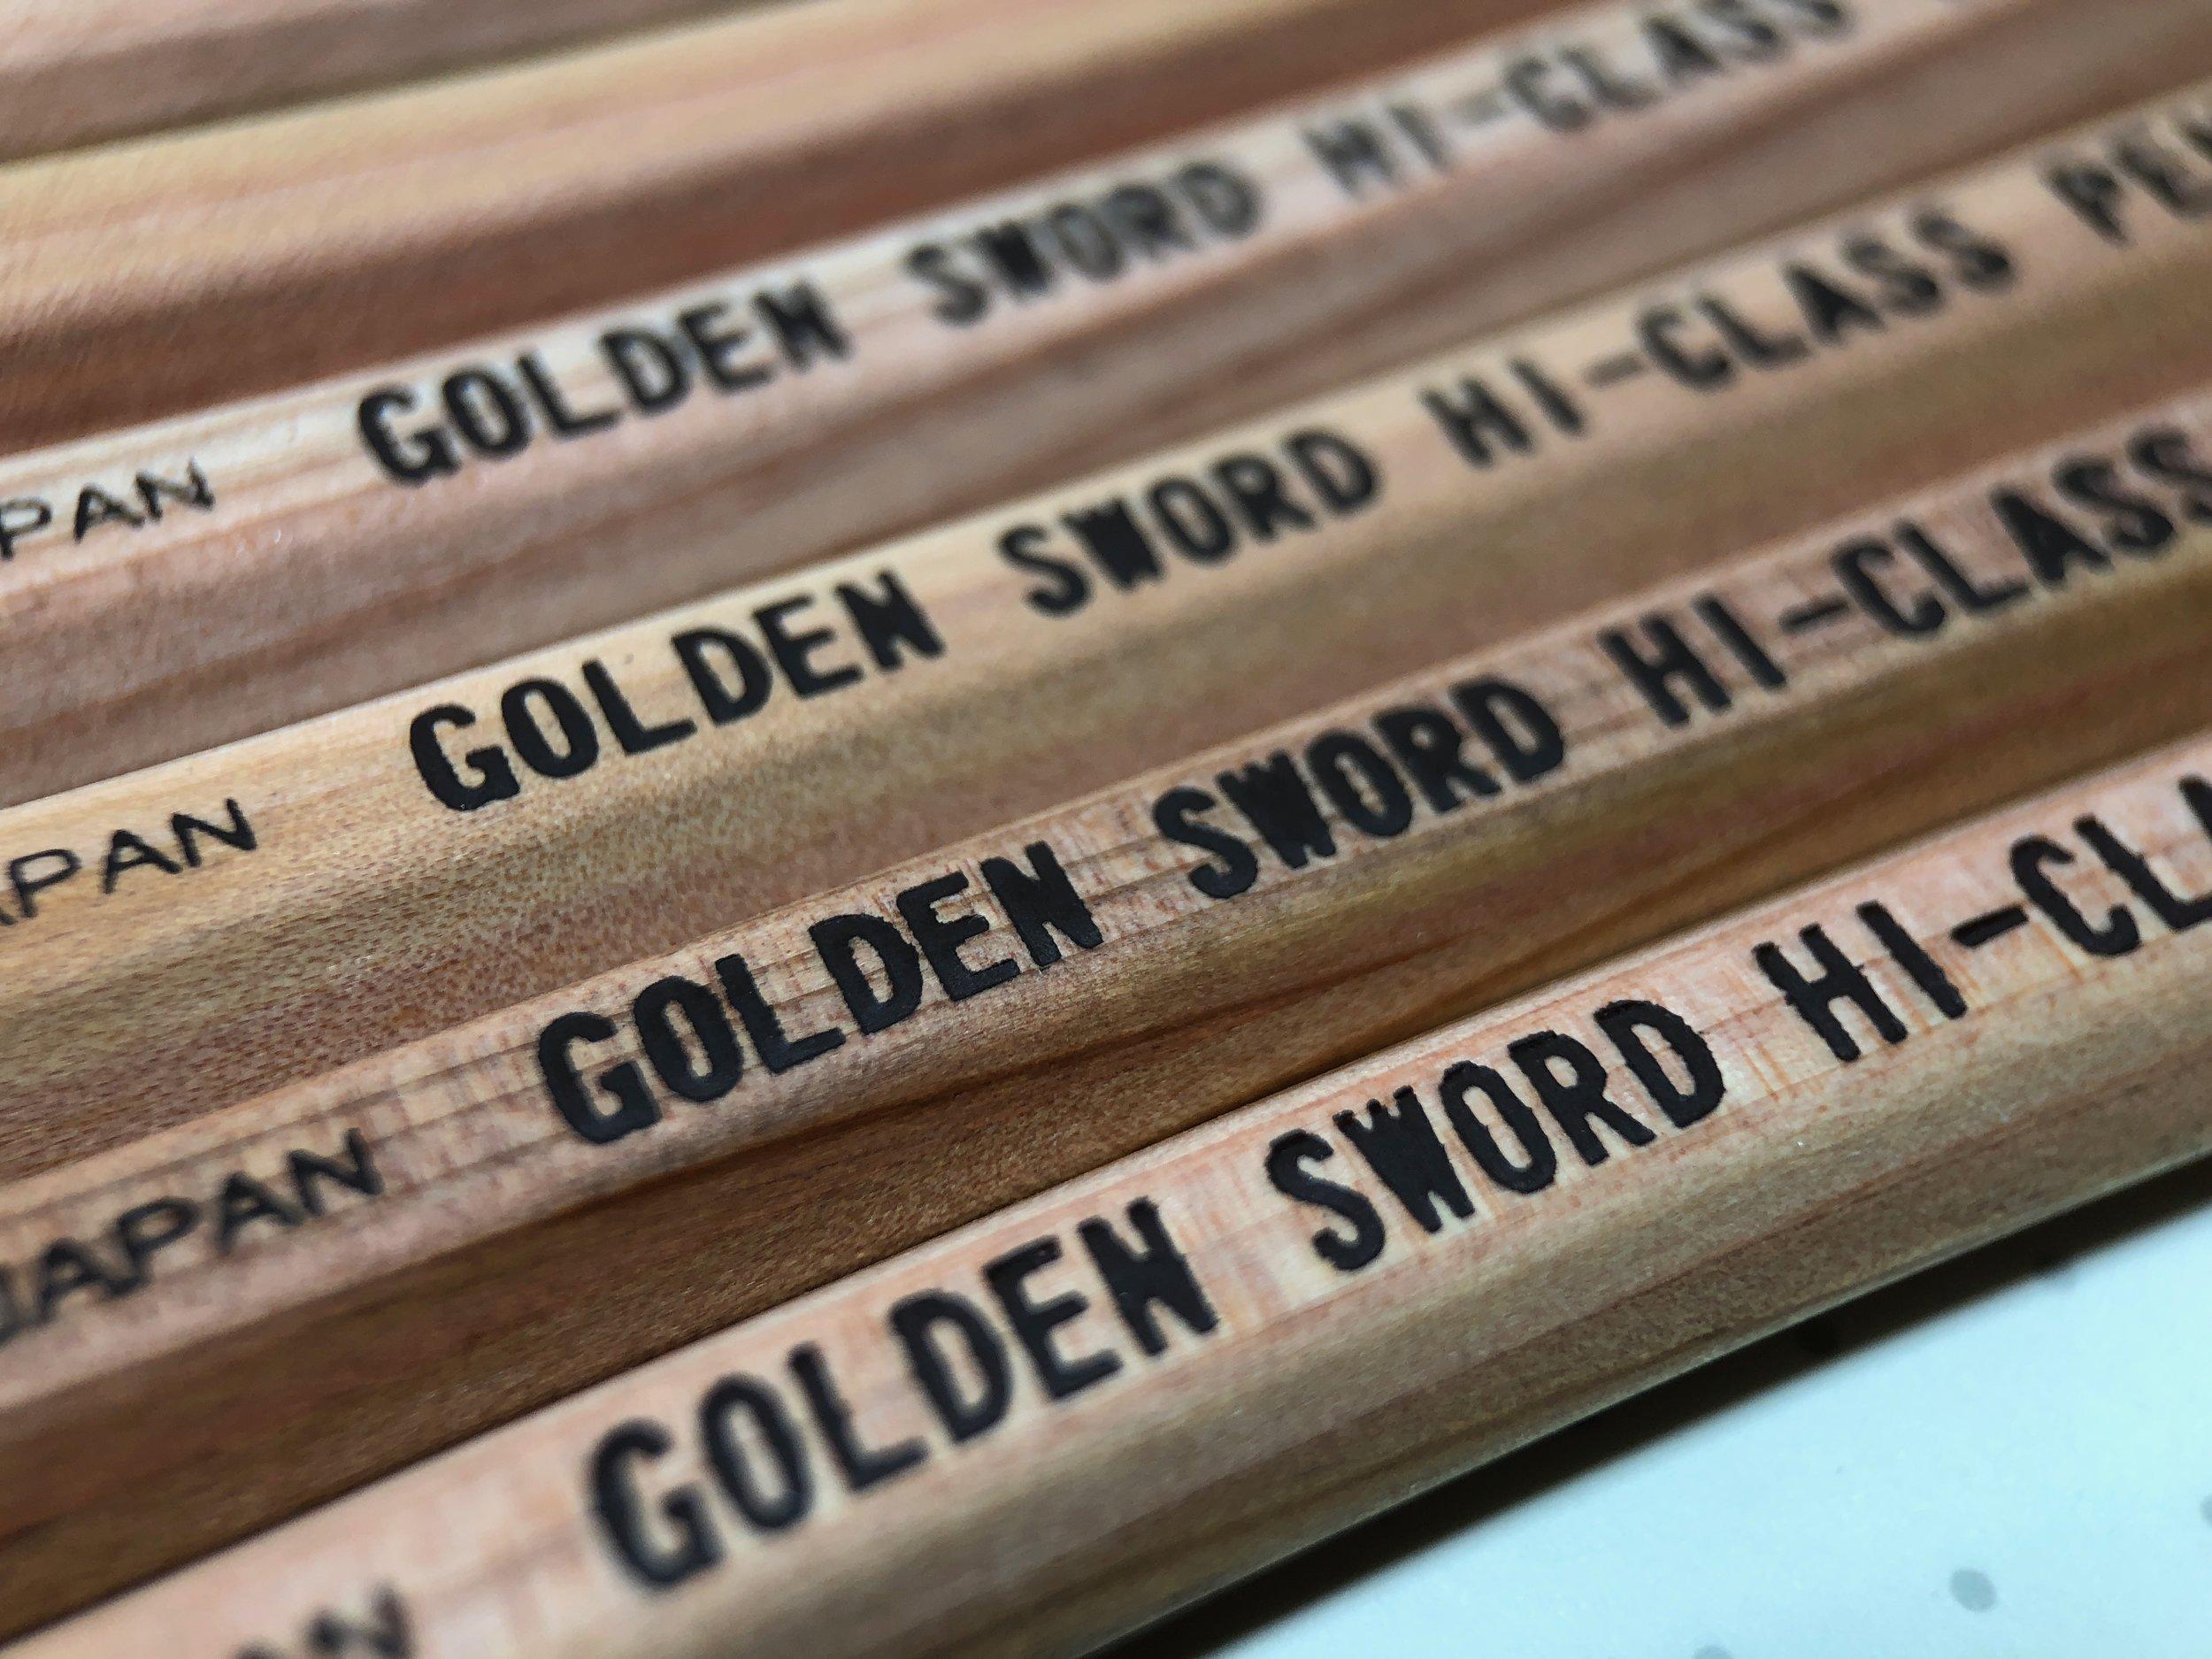 daiso-golden-sword-pencil-13.jpg